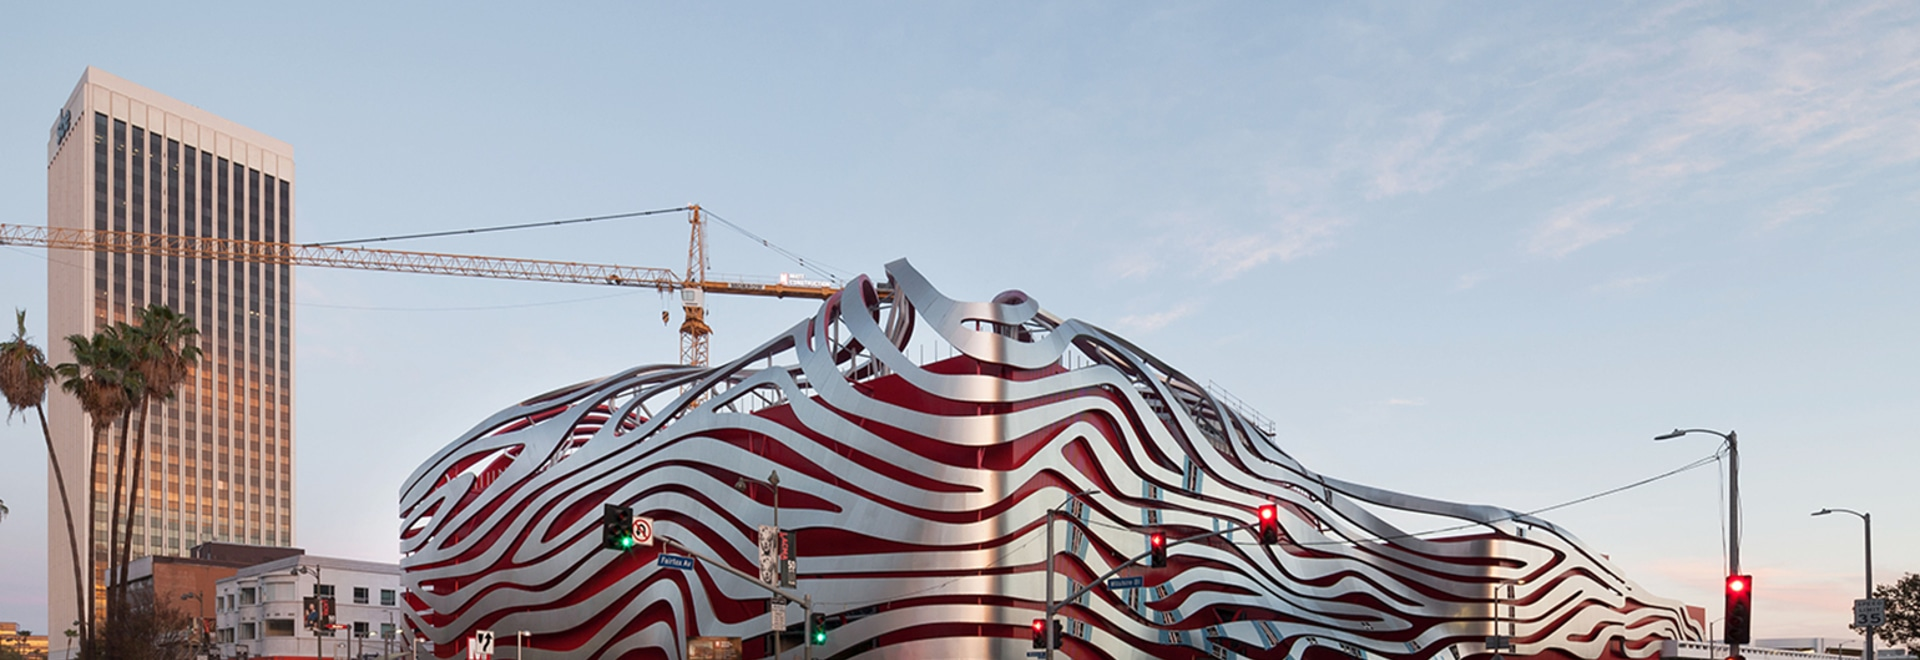 On les dernières additions à la collection déjà riche de Los Angeles de musées et d'espaces culturels est le musée des véhicules à moteur régénéré de Petersen, qui a été complètement remodelé par K...